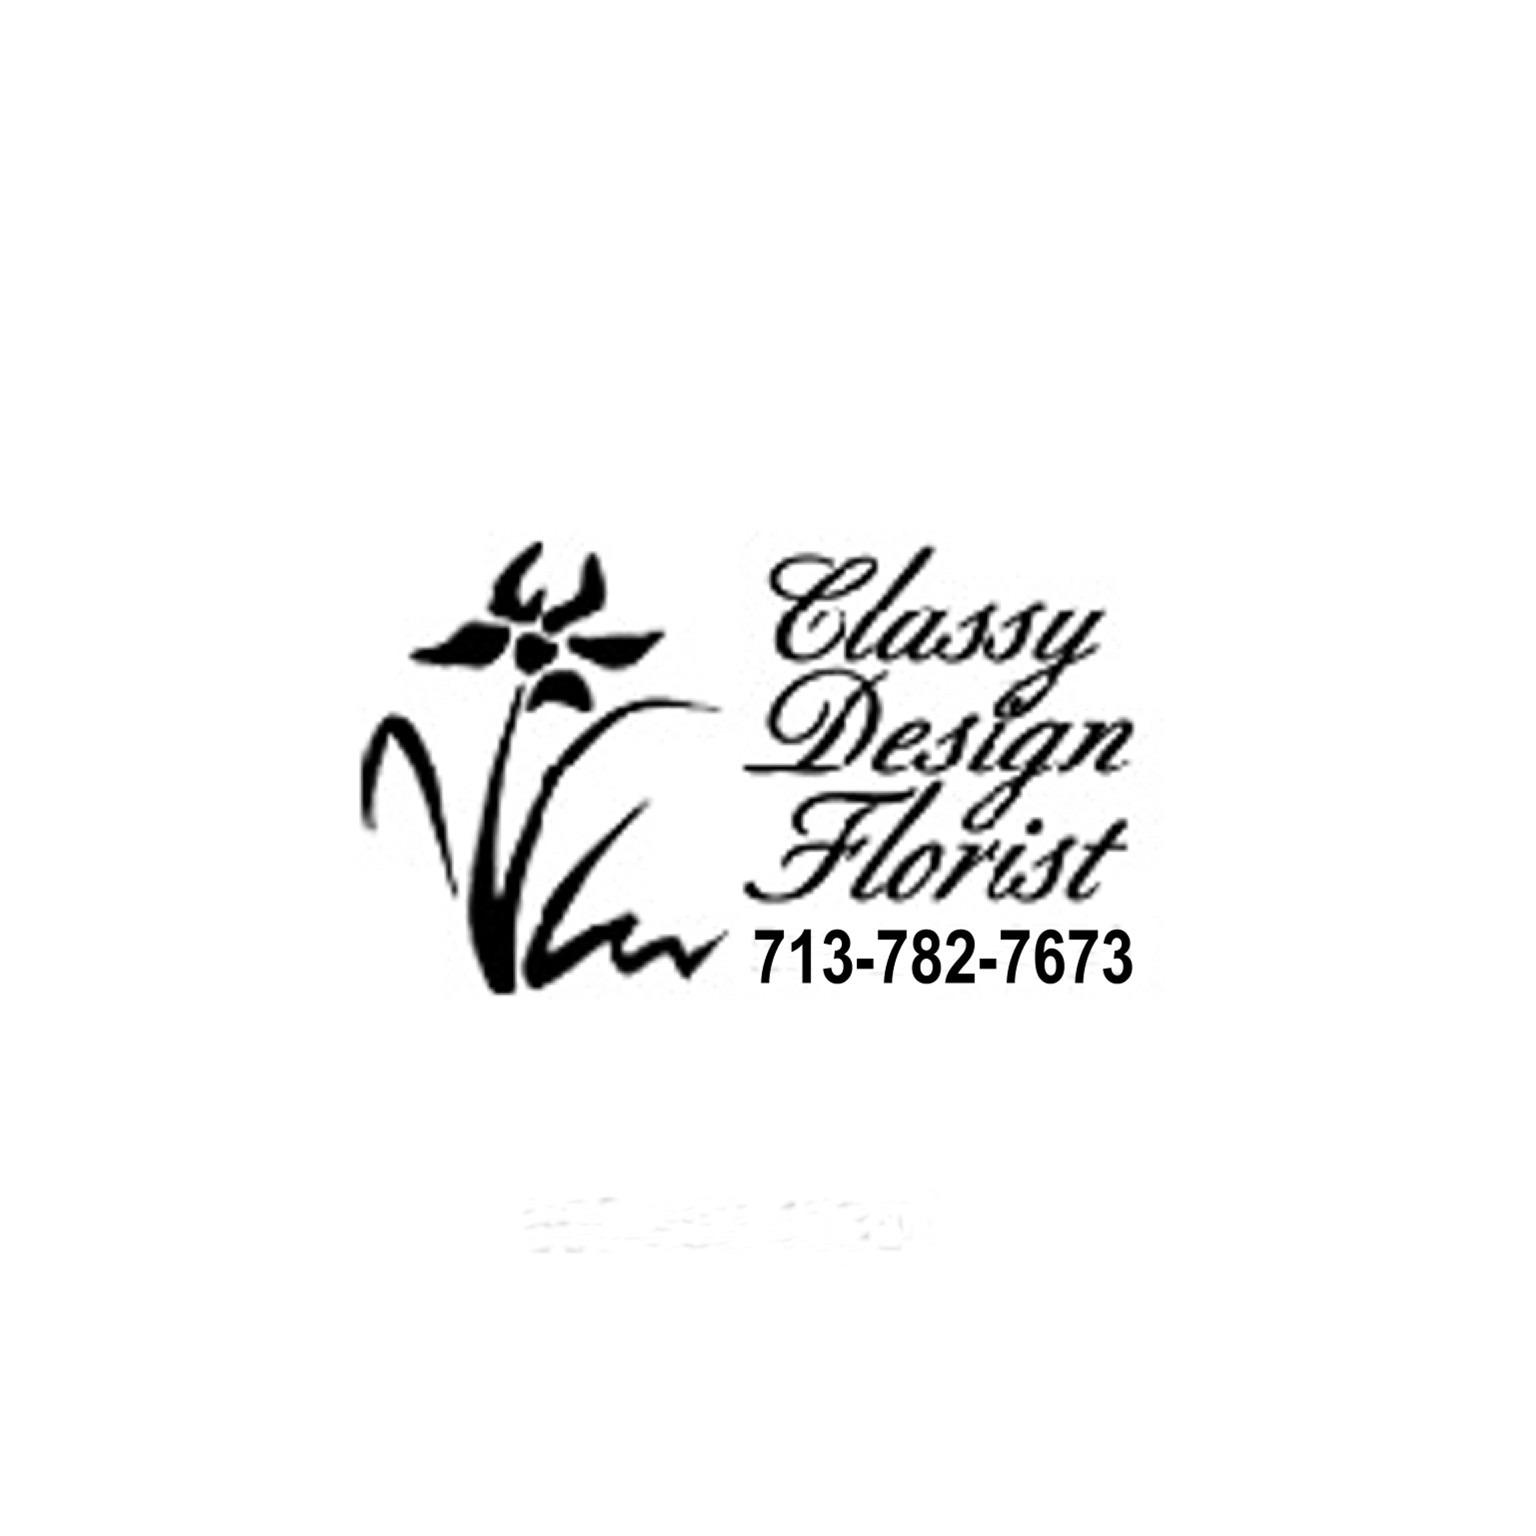 Classy Design Florist